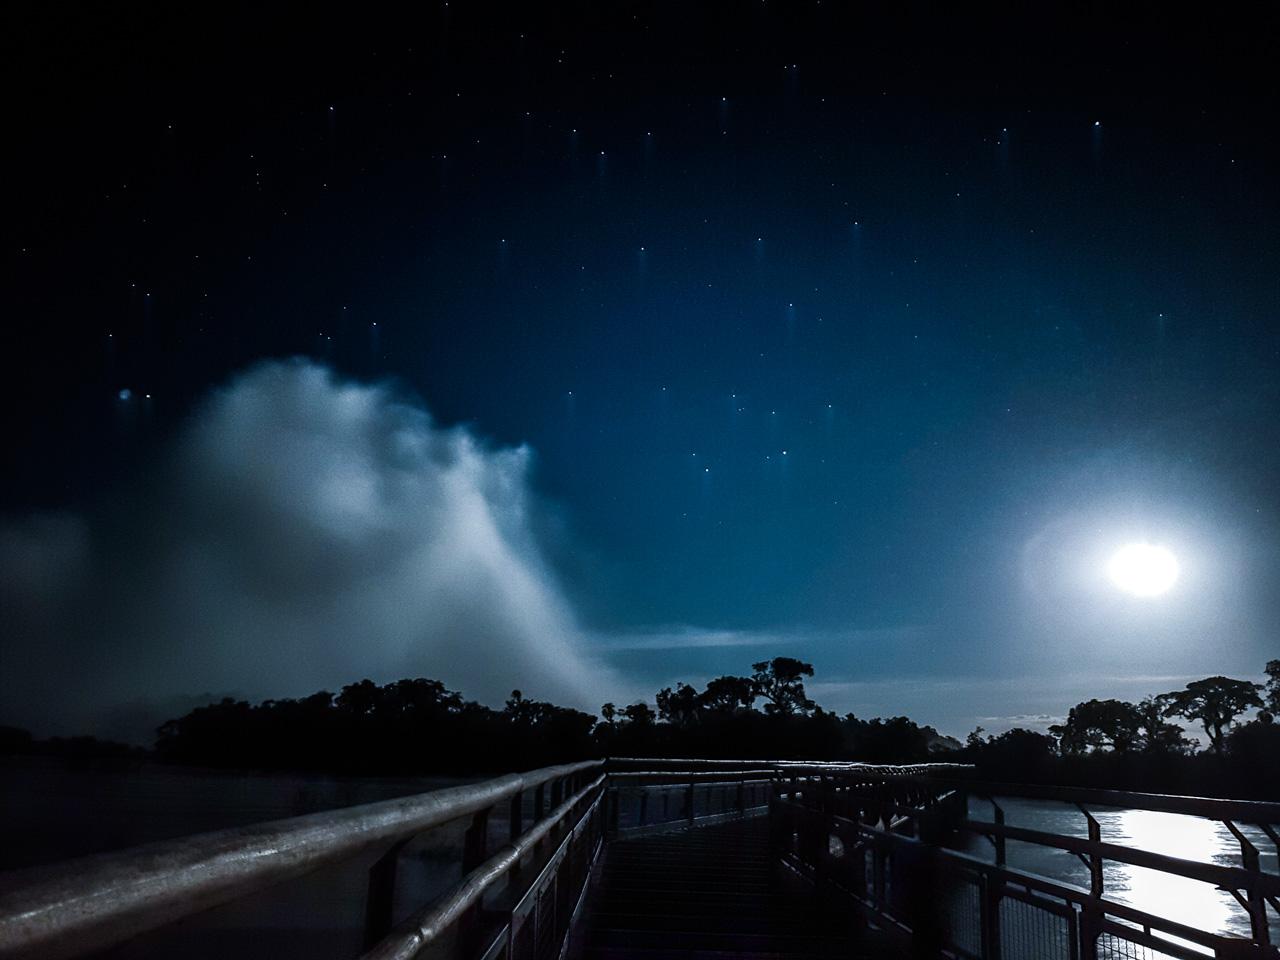 Foto nocturna del circuito superior de las cataratas del Yguazú ejecutado con un Samsung Galaxy Note 8, durante una excursión a las cataratas con la luz de la luna llena. (Elton Núñez).